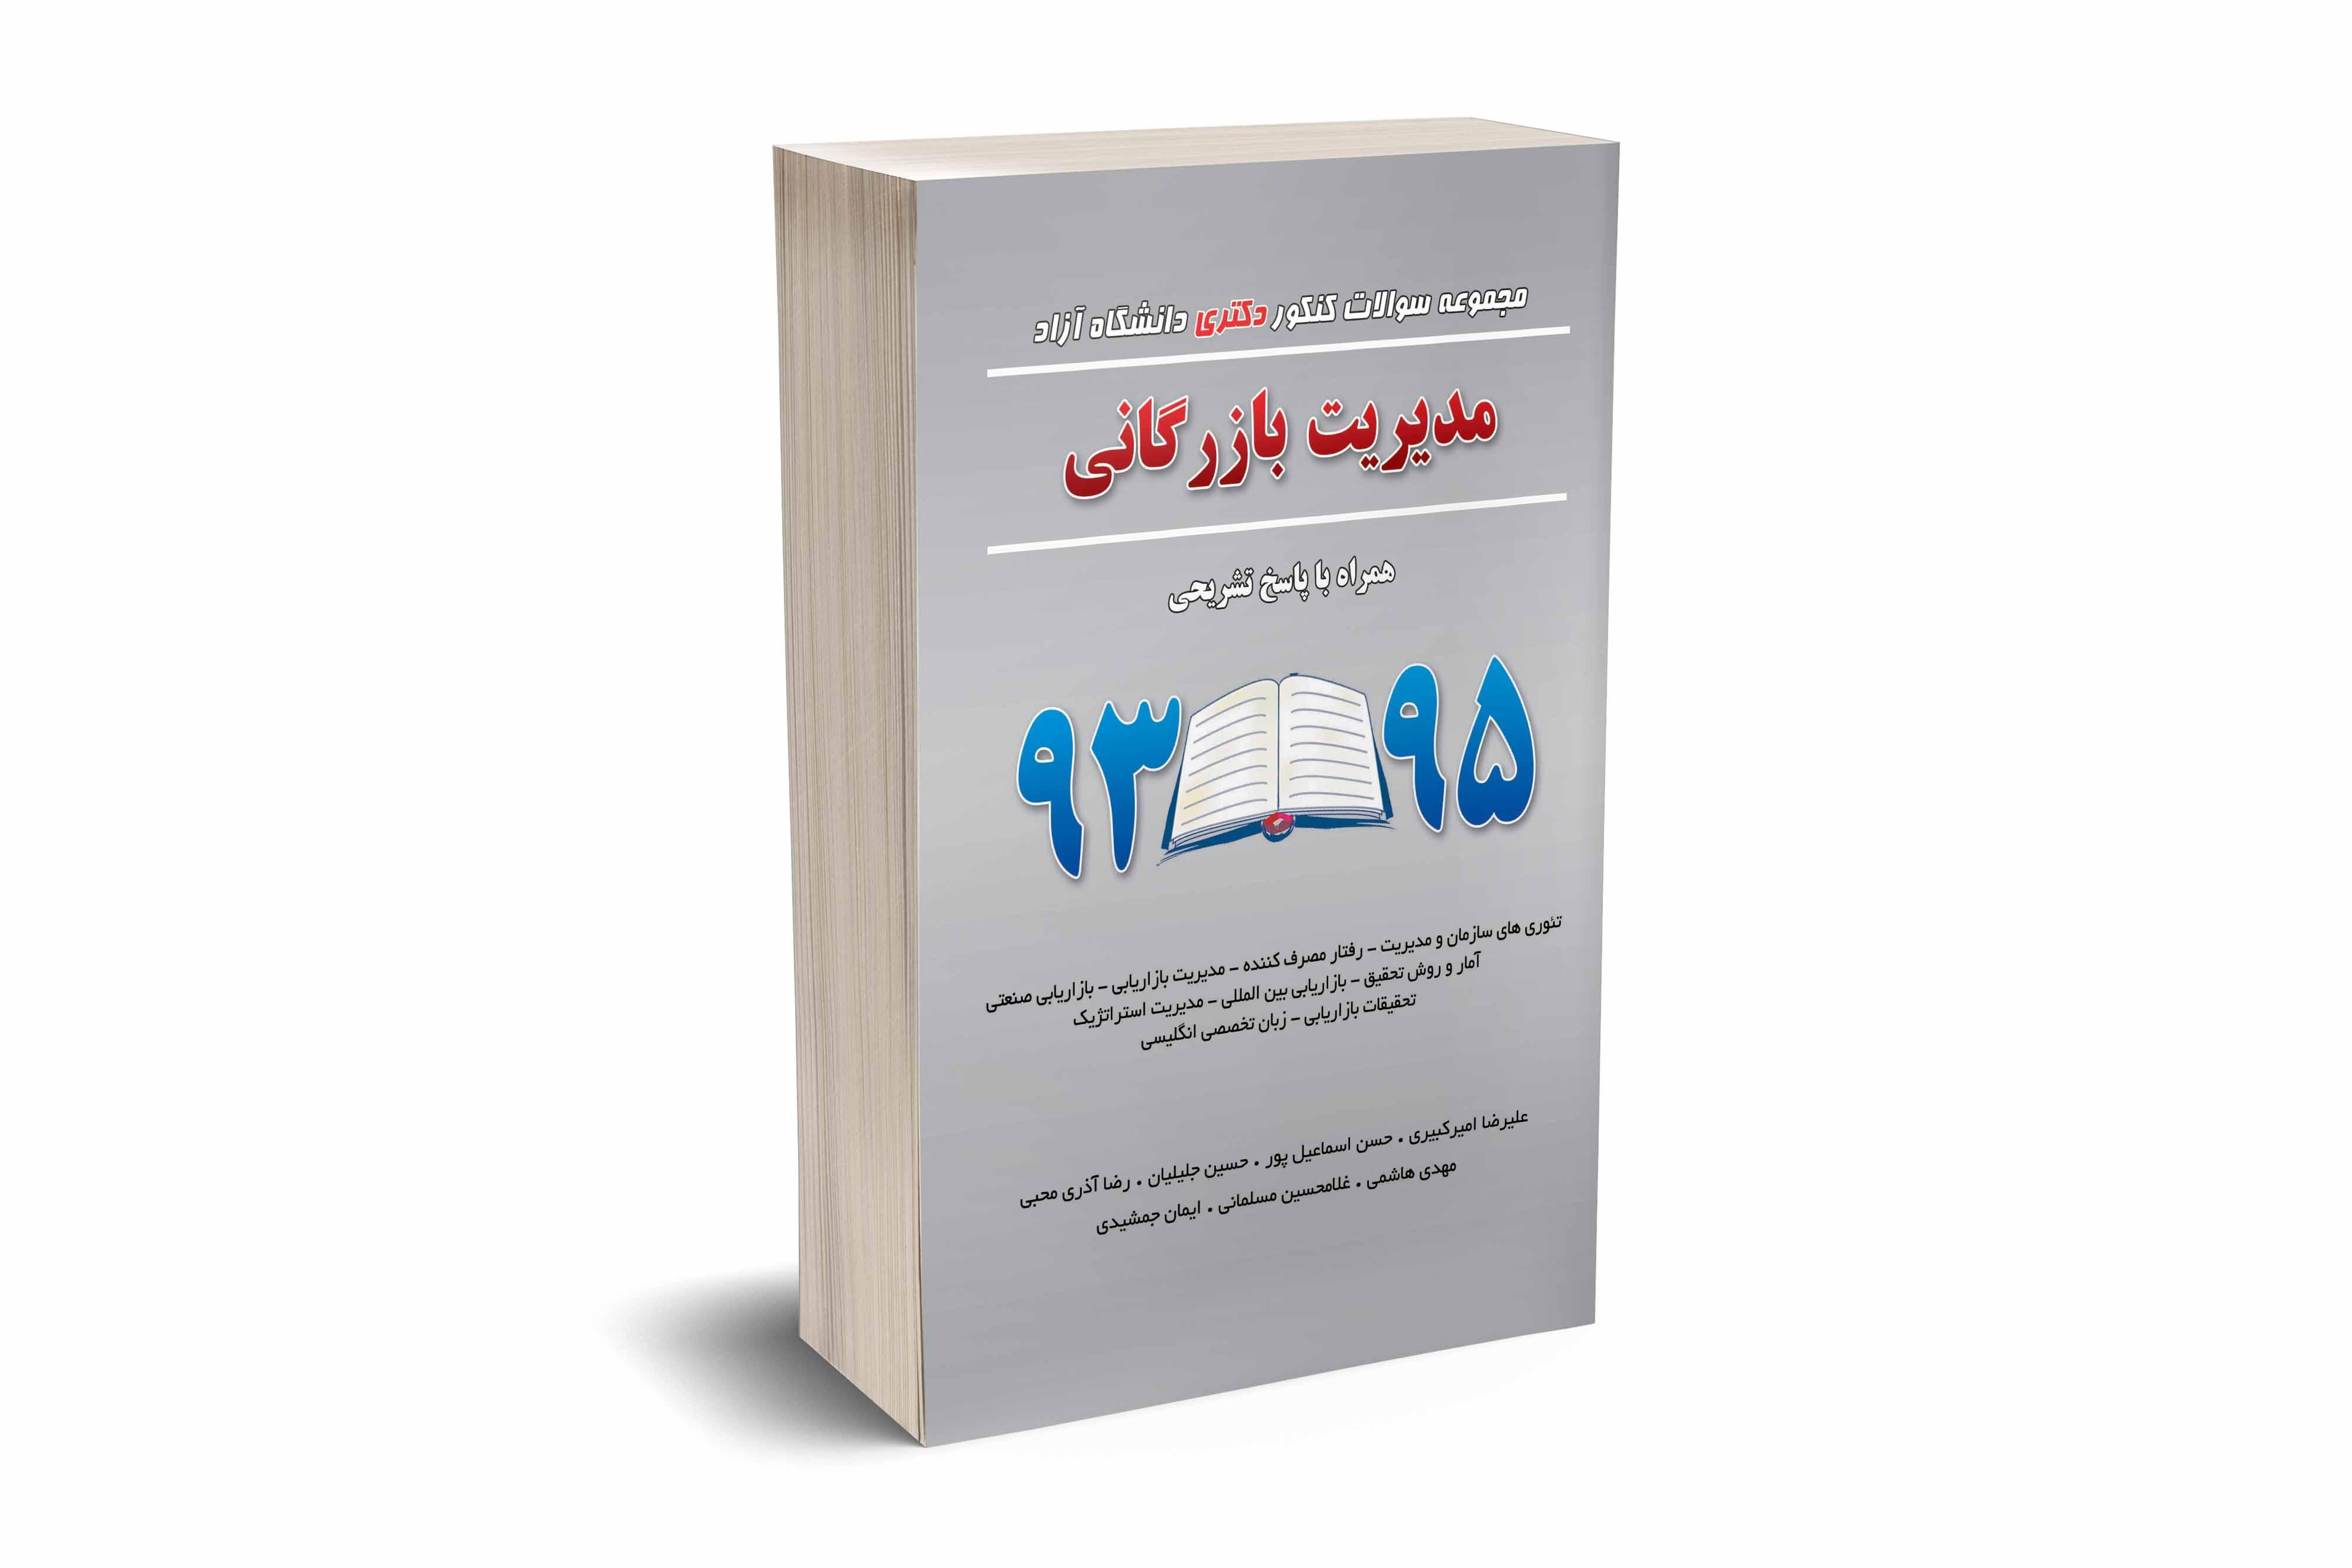 مجموعه سوالات کنکور دکتری دانشگاه آزاد مدیریت بازرگانی 93 تا 95